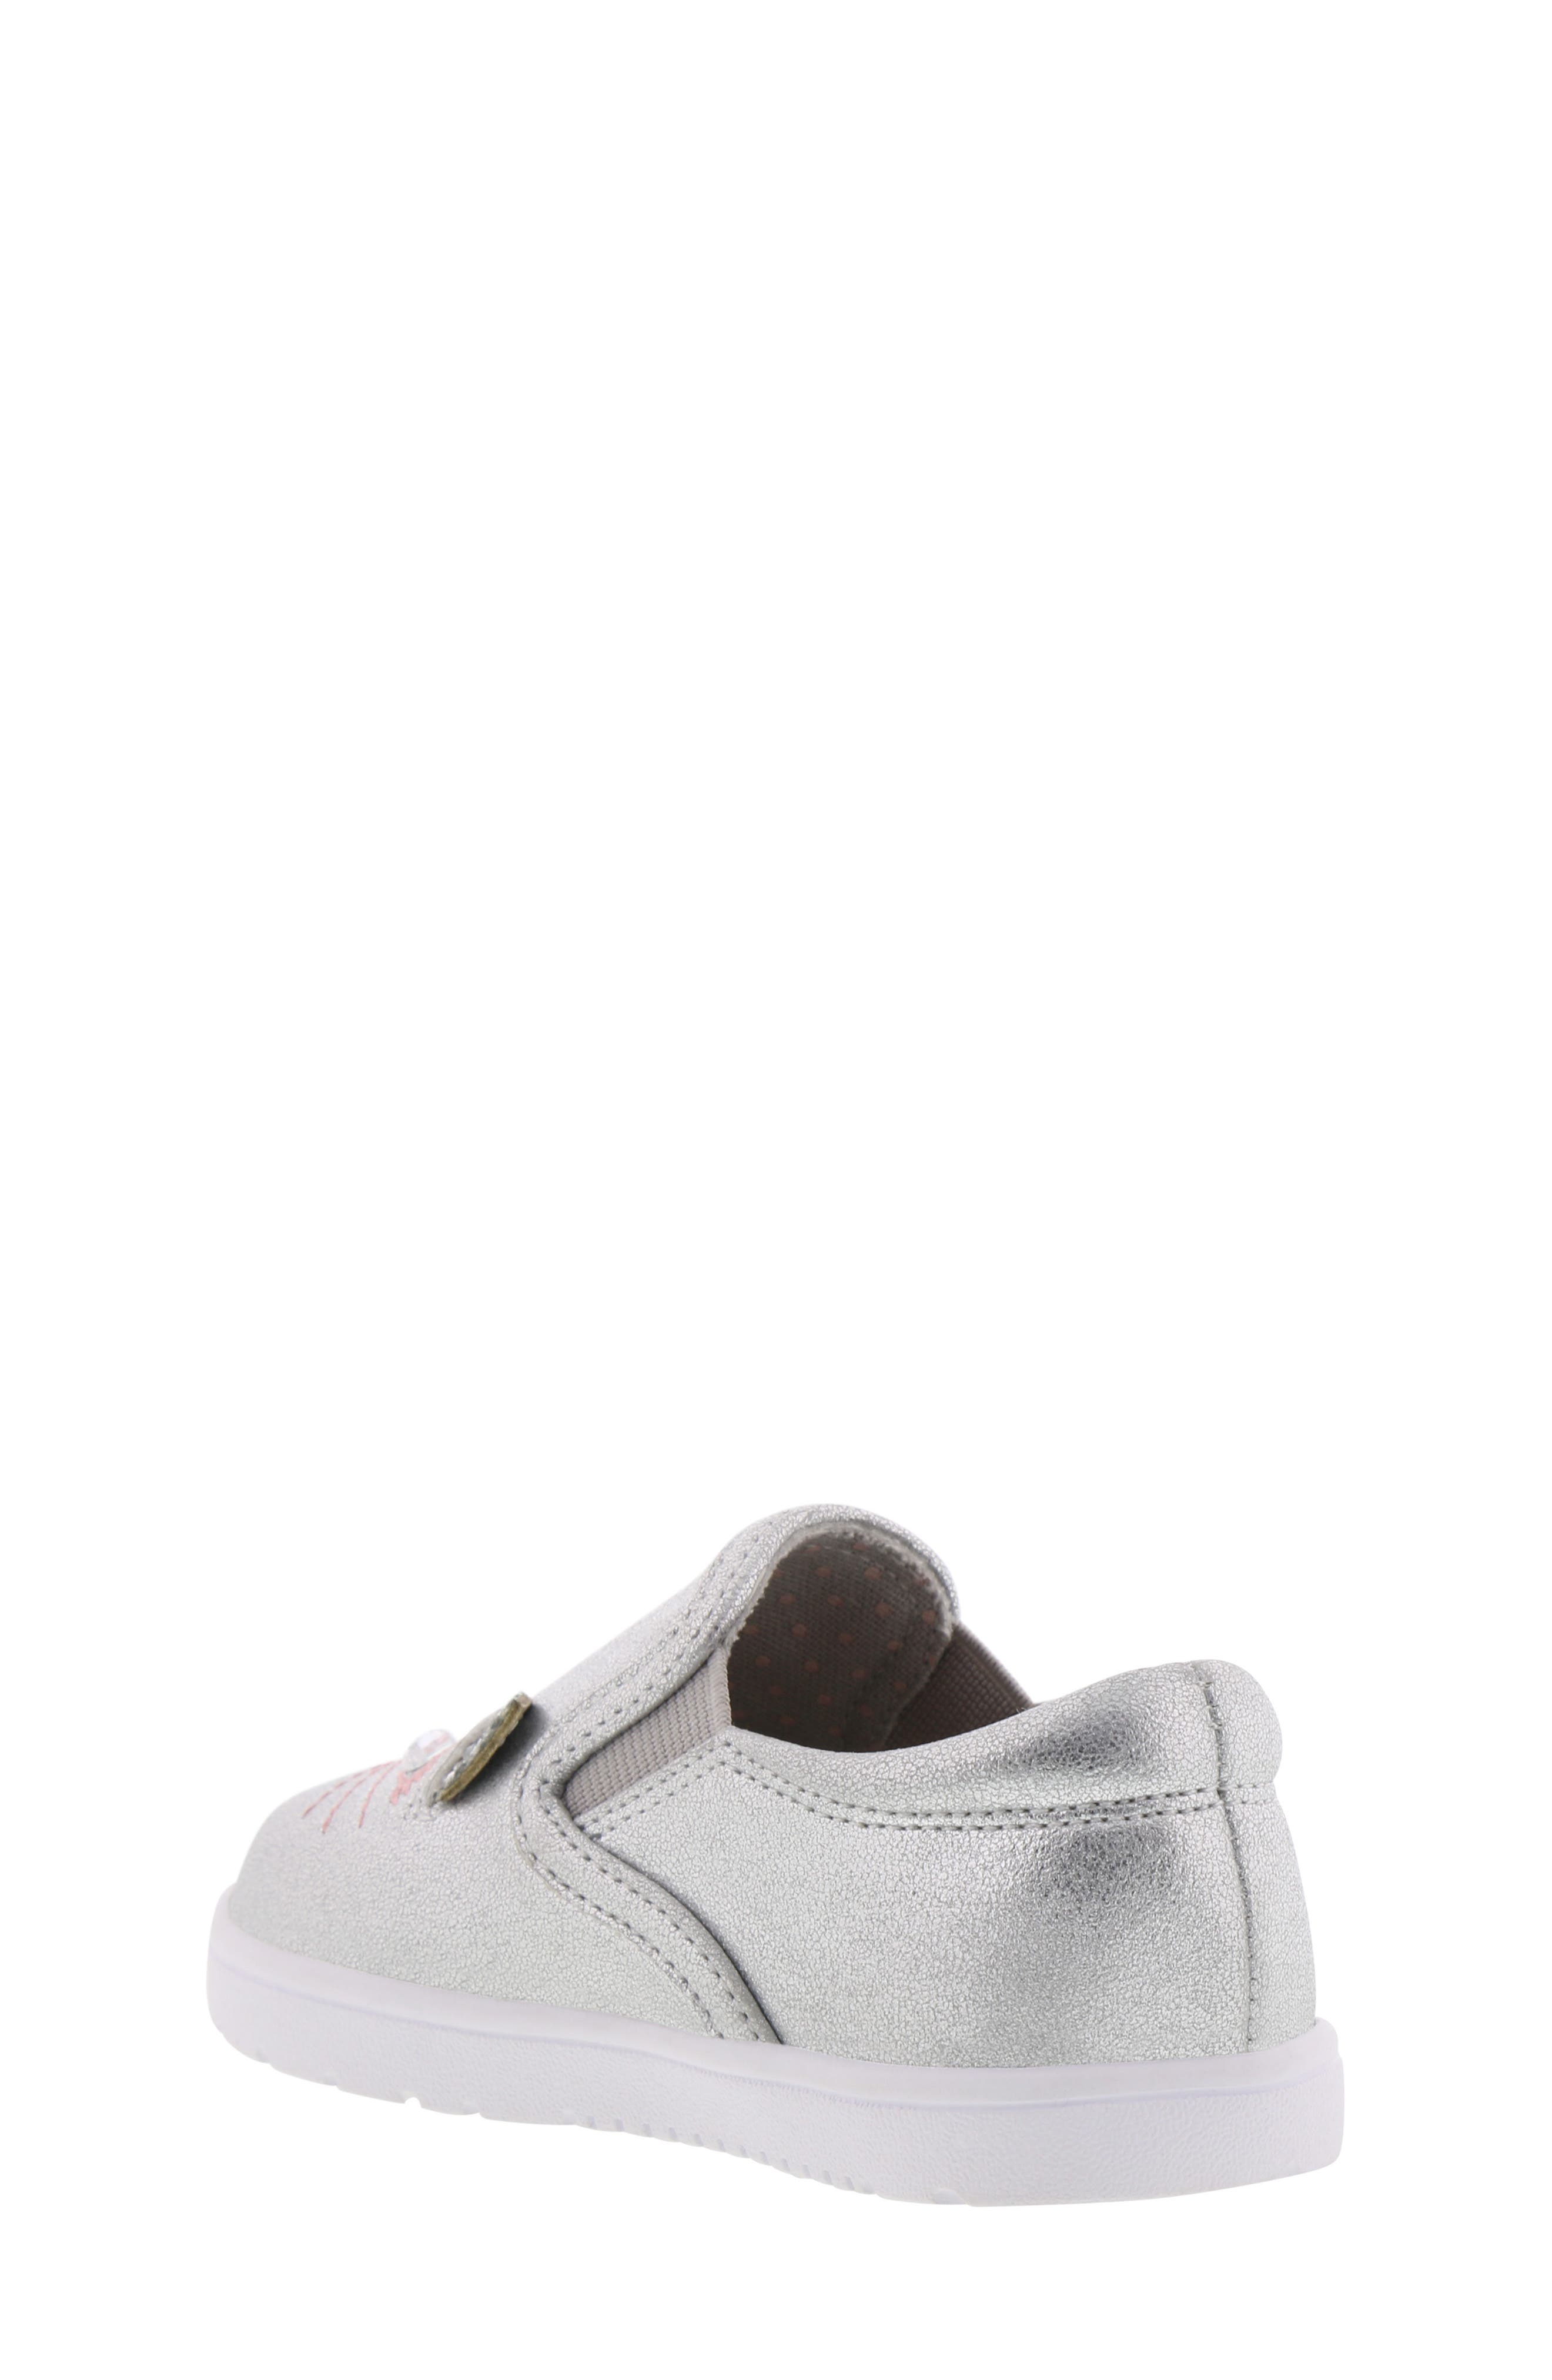 BØRN, Bailey Jaslyna Slip-On Glitter Sneaker, Alternate thumbnail 2, color, SILVER